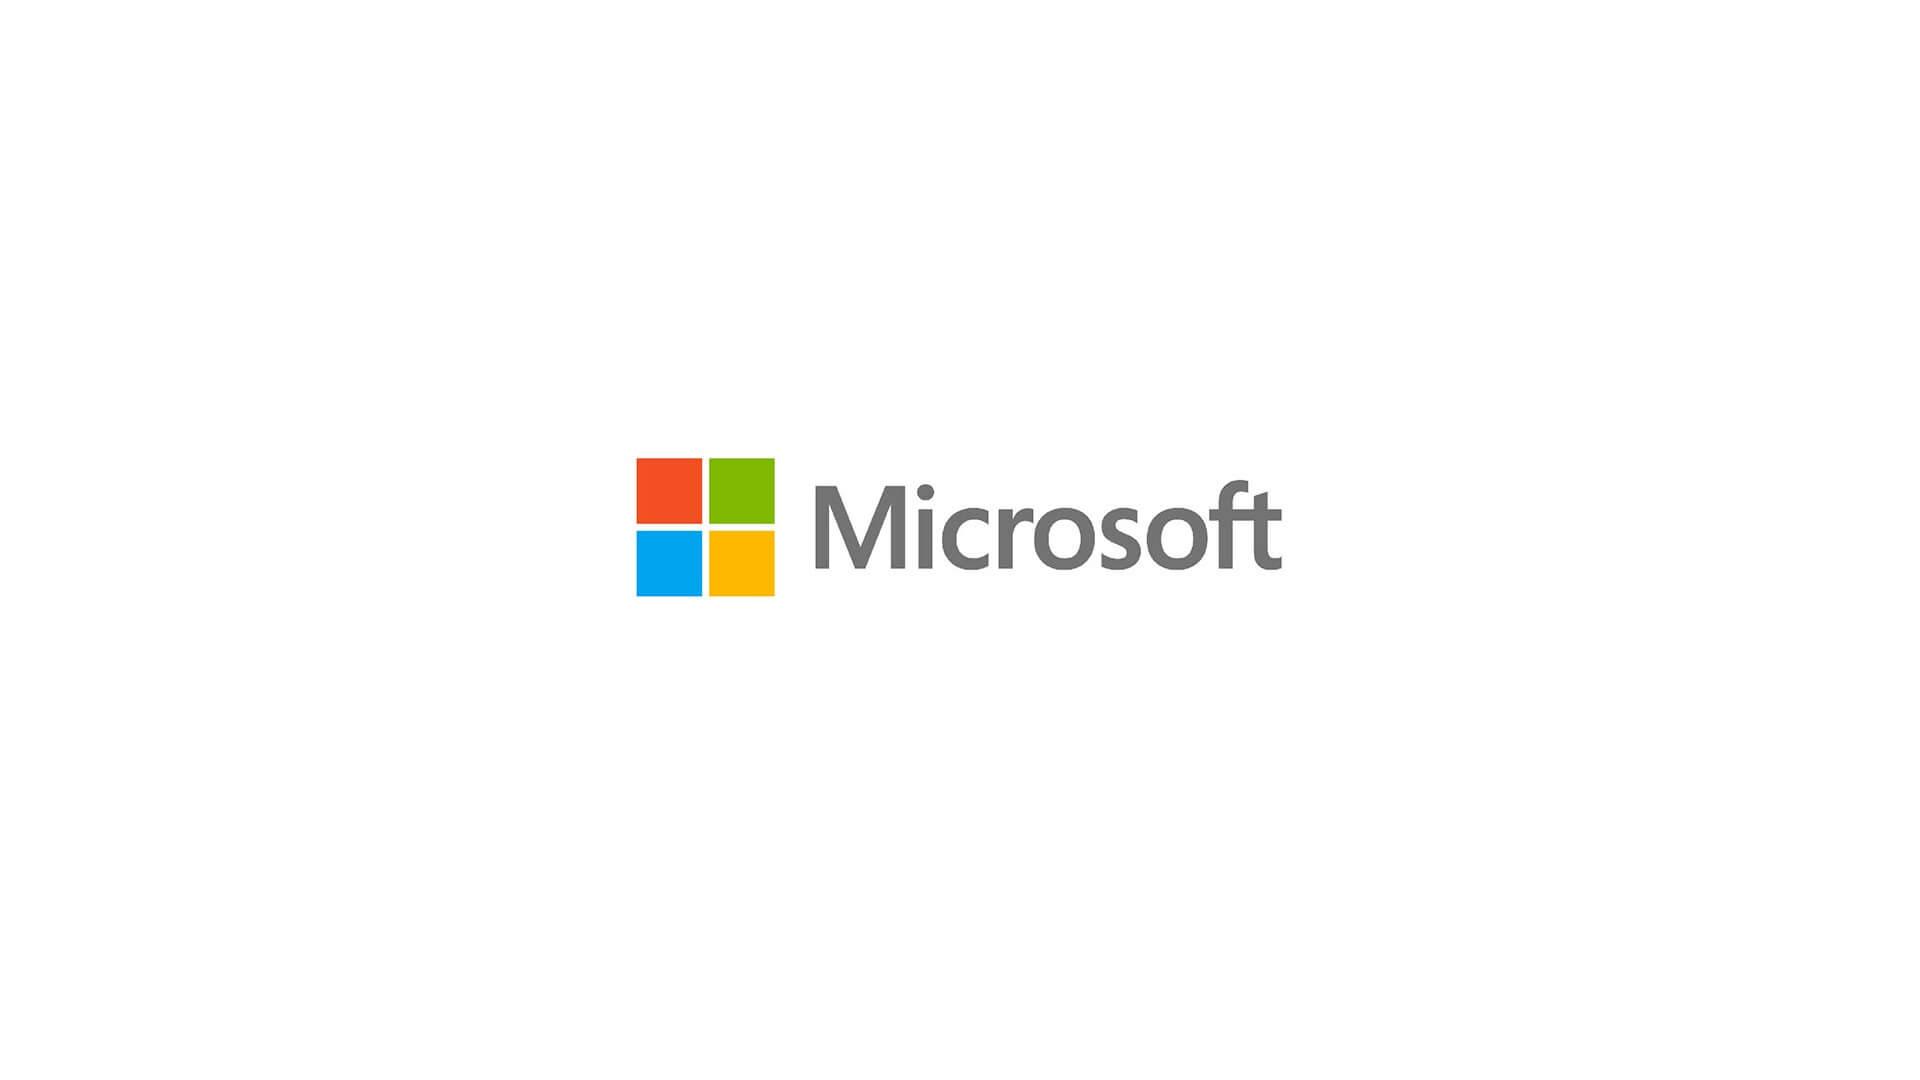 7 Ways to Fix Error 0x80070643 on Windows (2019 Update) - Saint